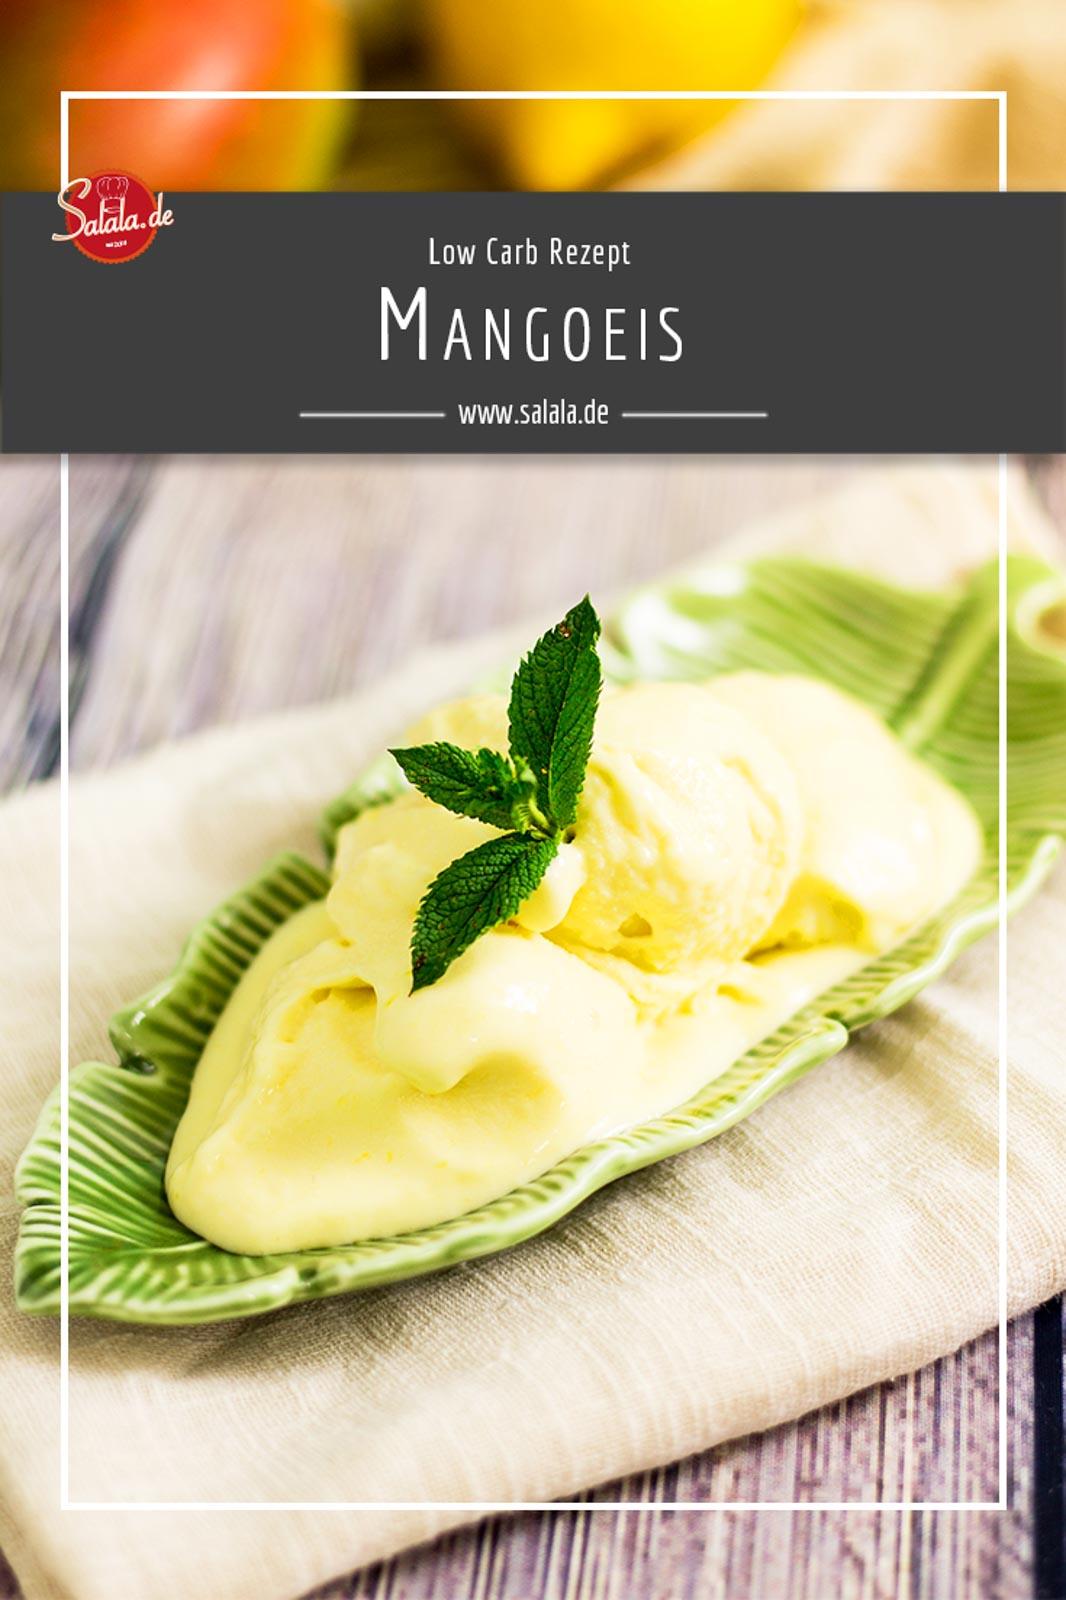 Low Carb Mangoeis - by salala.de - cremiges Speiseies ohne Zucker und mit frischer Mango - mit Eismaschine Ibywind YF700 #eis #zuckerfrei #frucht #lowcarb